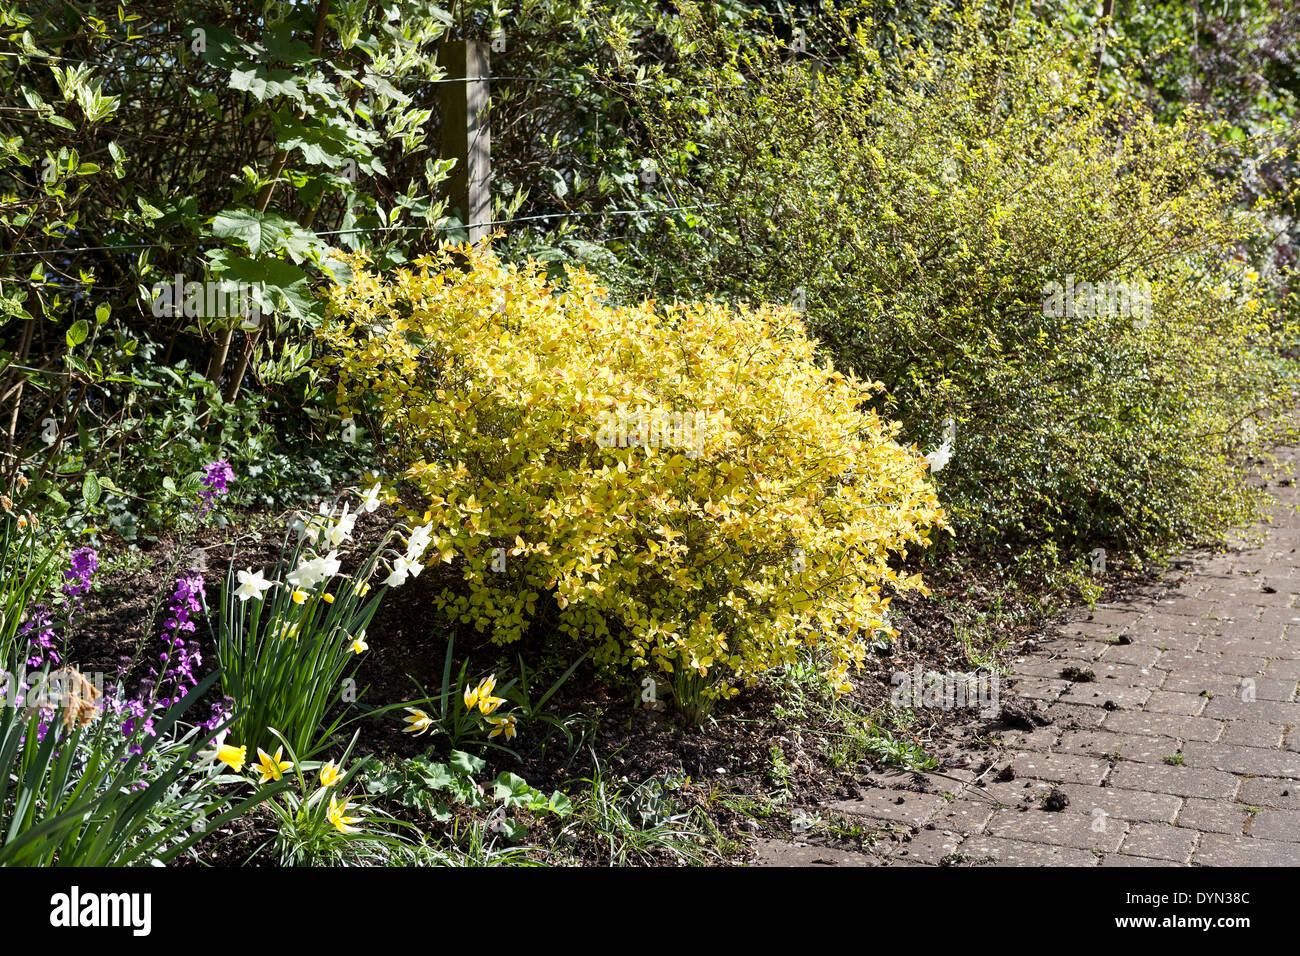 Spiraea Stock Photos Spiraea Stock Images Alamy